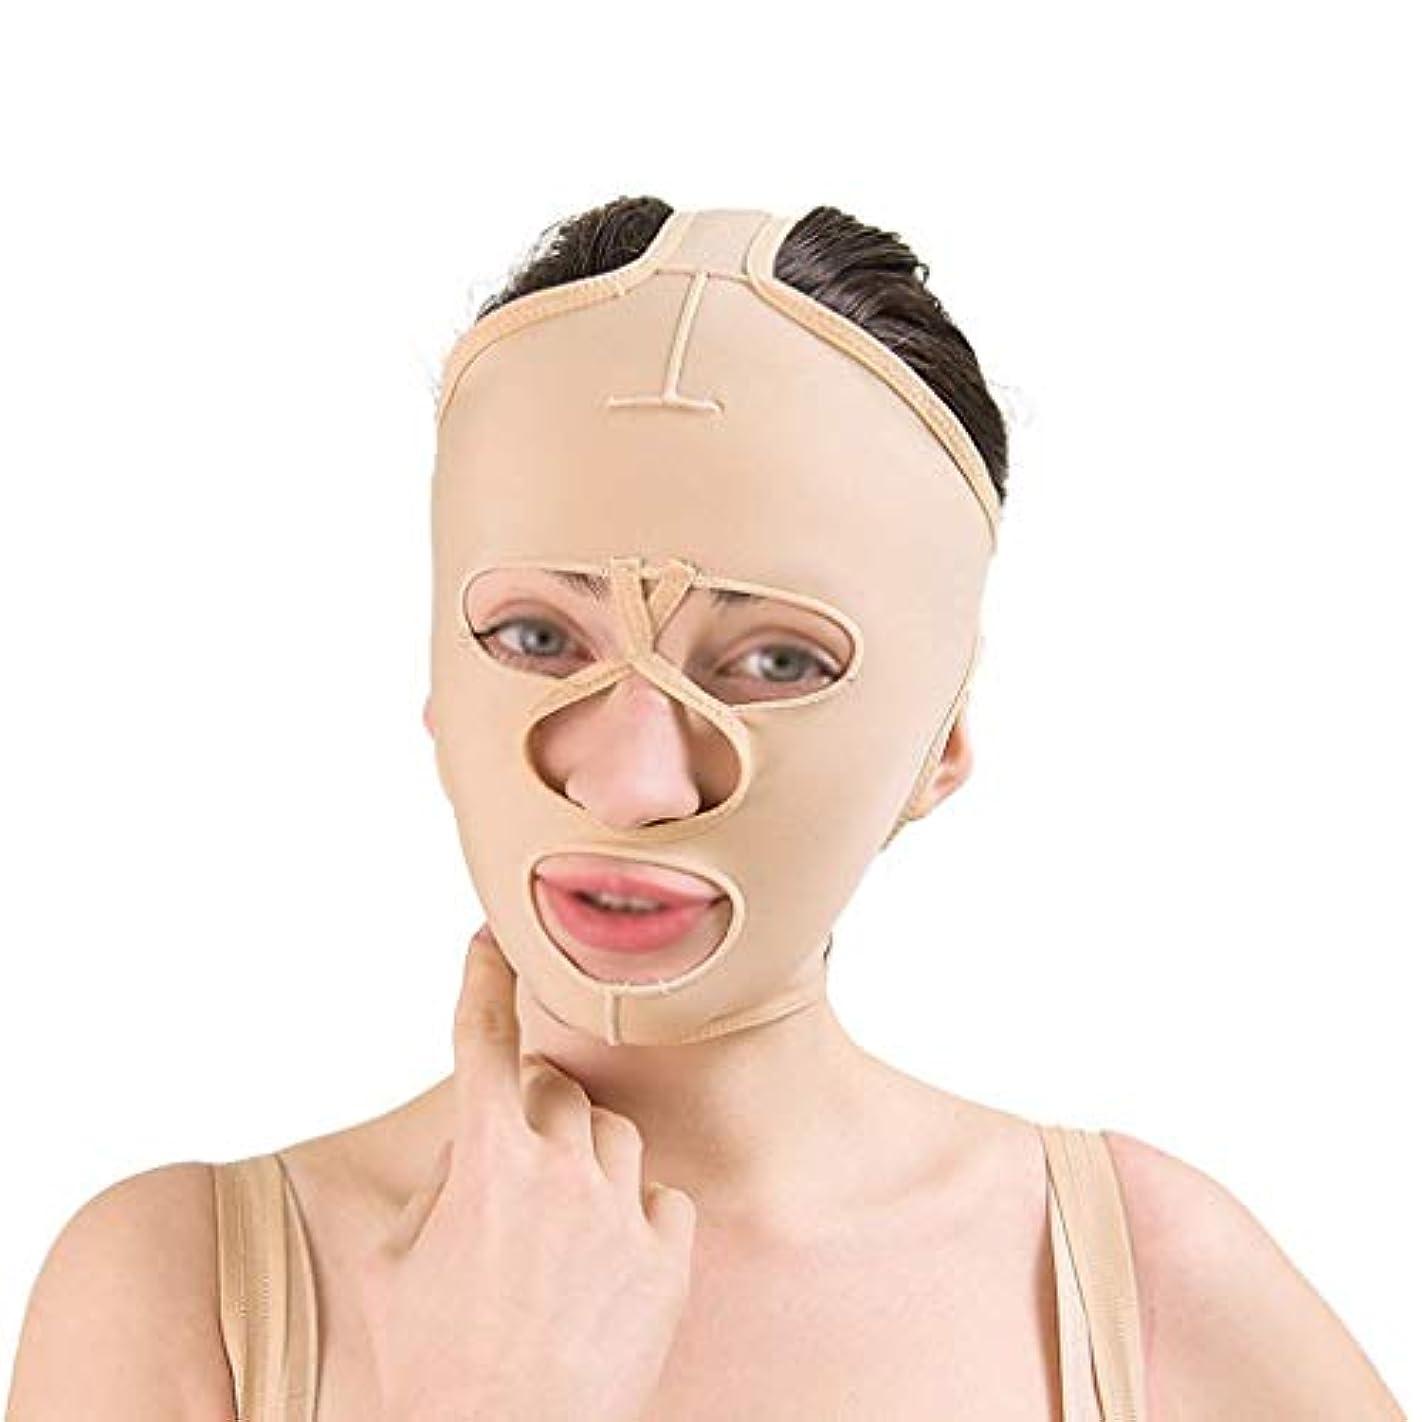 振動させる不足前フェイシャルリフティングツール、フェイシャルビューティーリフティングマスク、通気性引き締めリフティングフェイシャル包帯、フェイシャルタイトバンデージ(サイズ:L),M